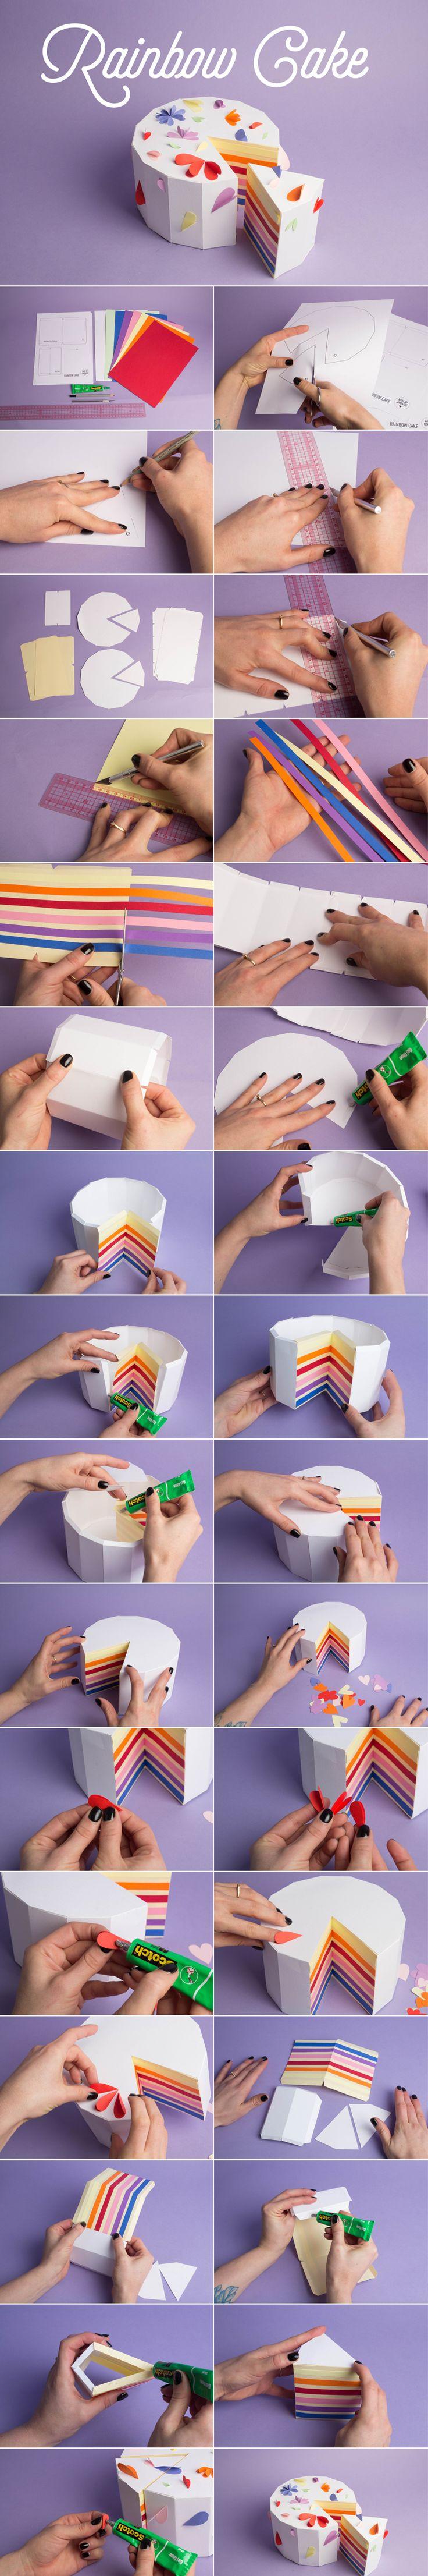 http://makemylemonade.com/diy-rainbow-cake/